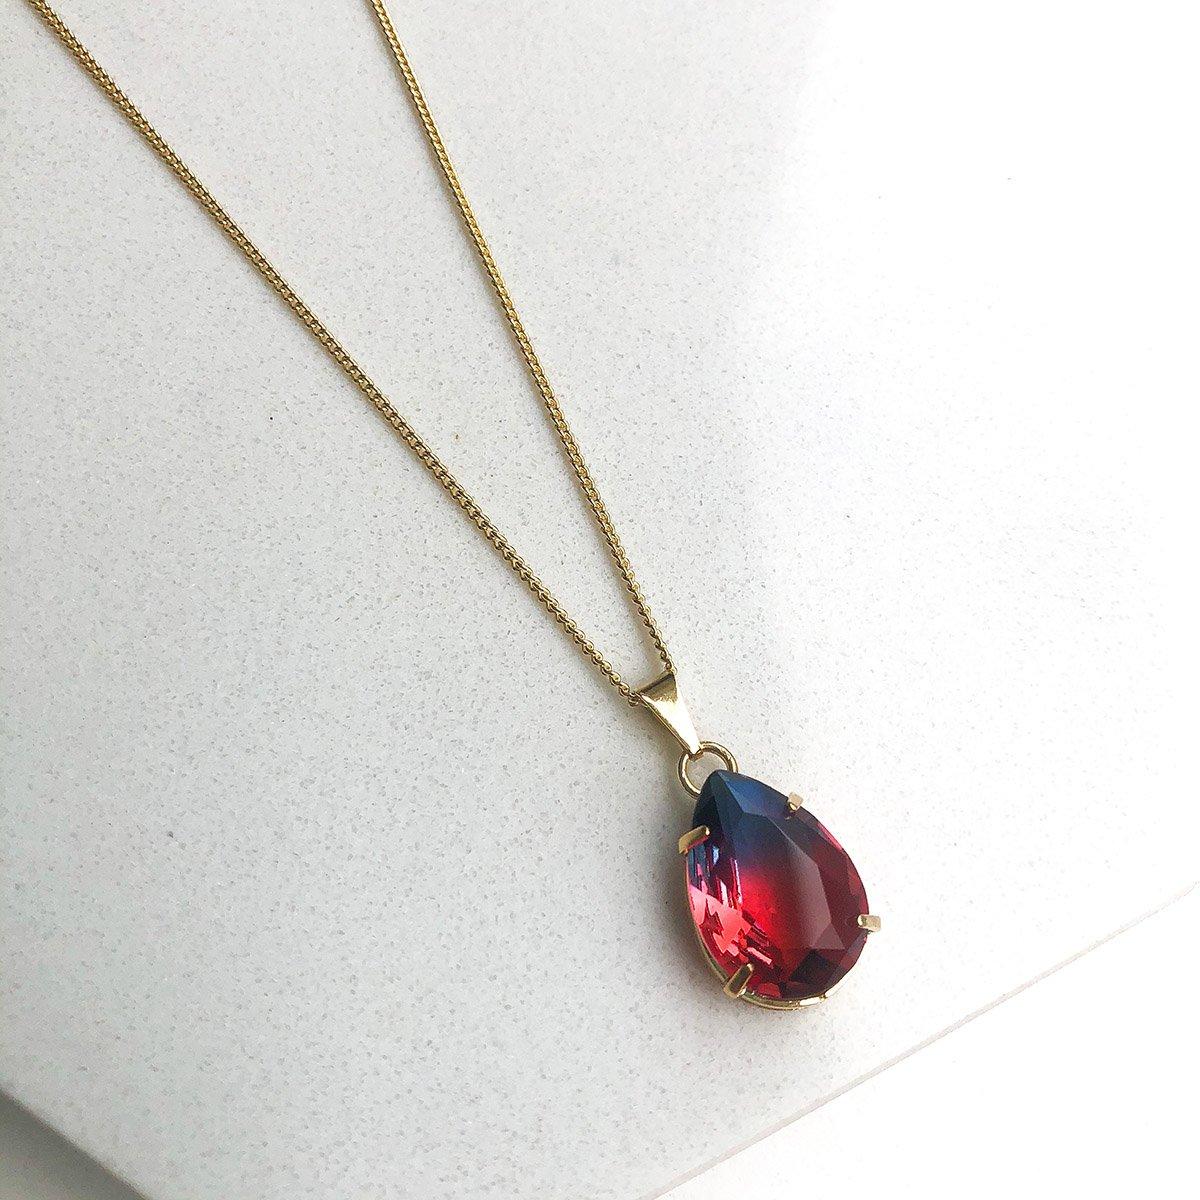 Colar Banhado a Ouro 18k com Pingente Pedra Rainbow Vermelho e Azul